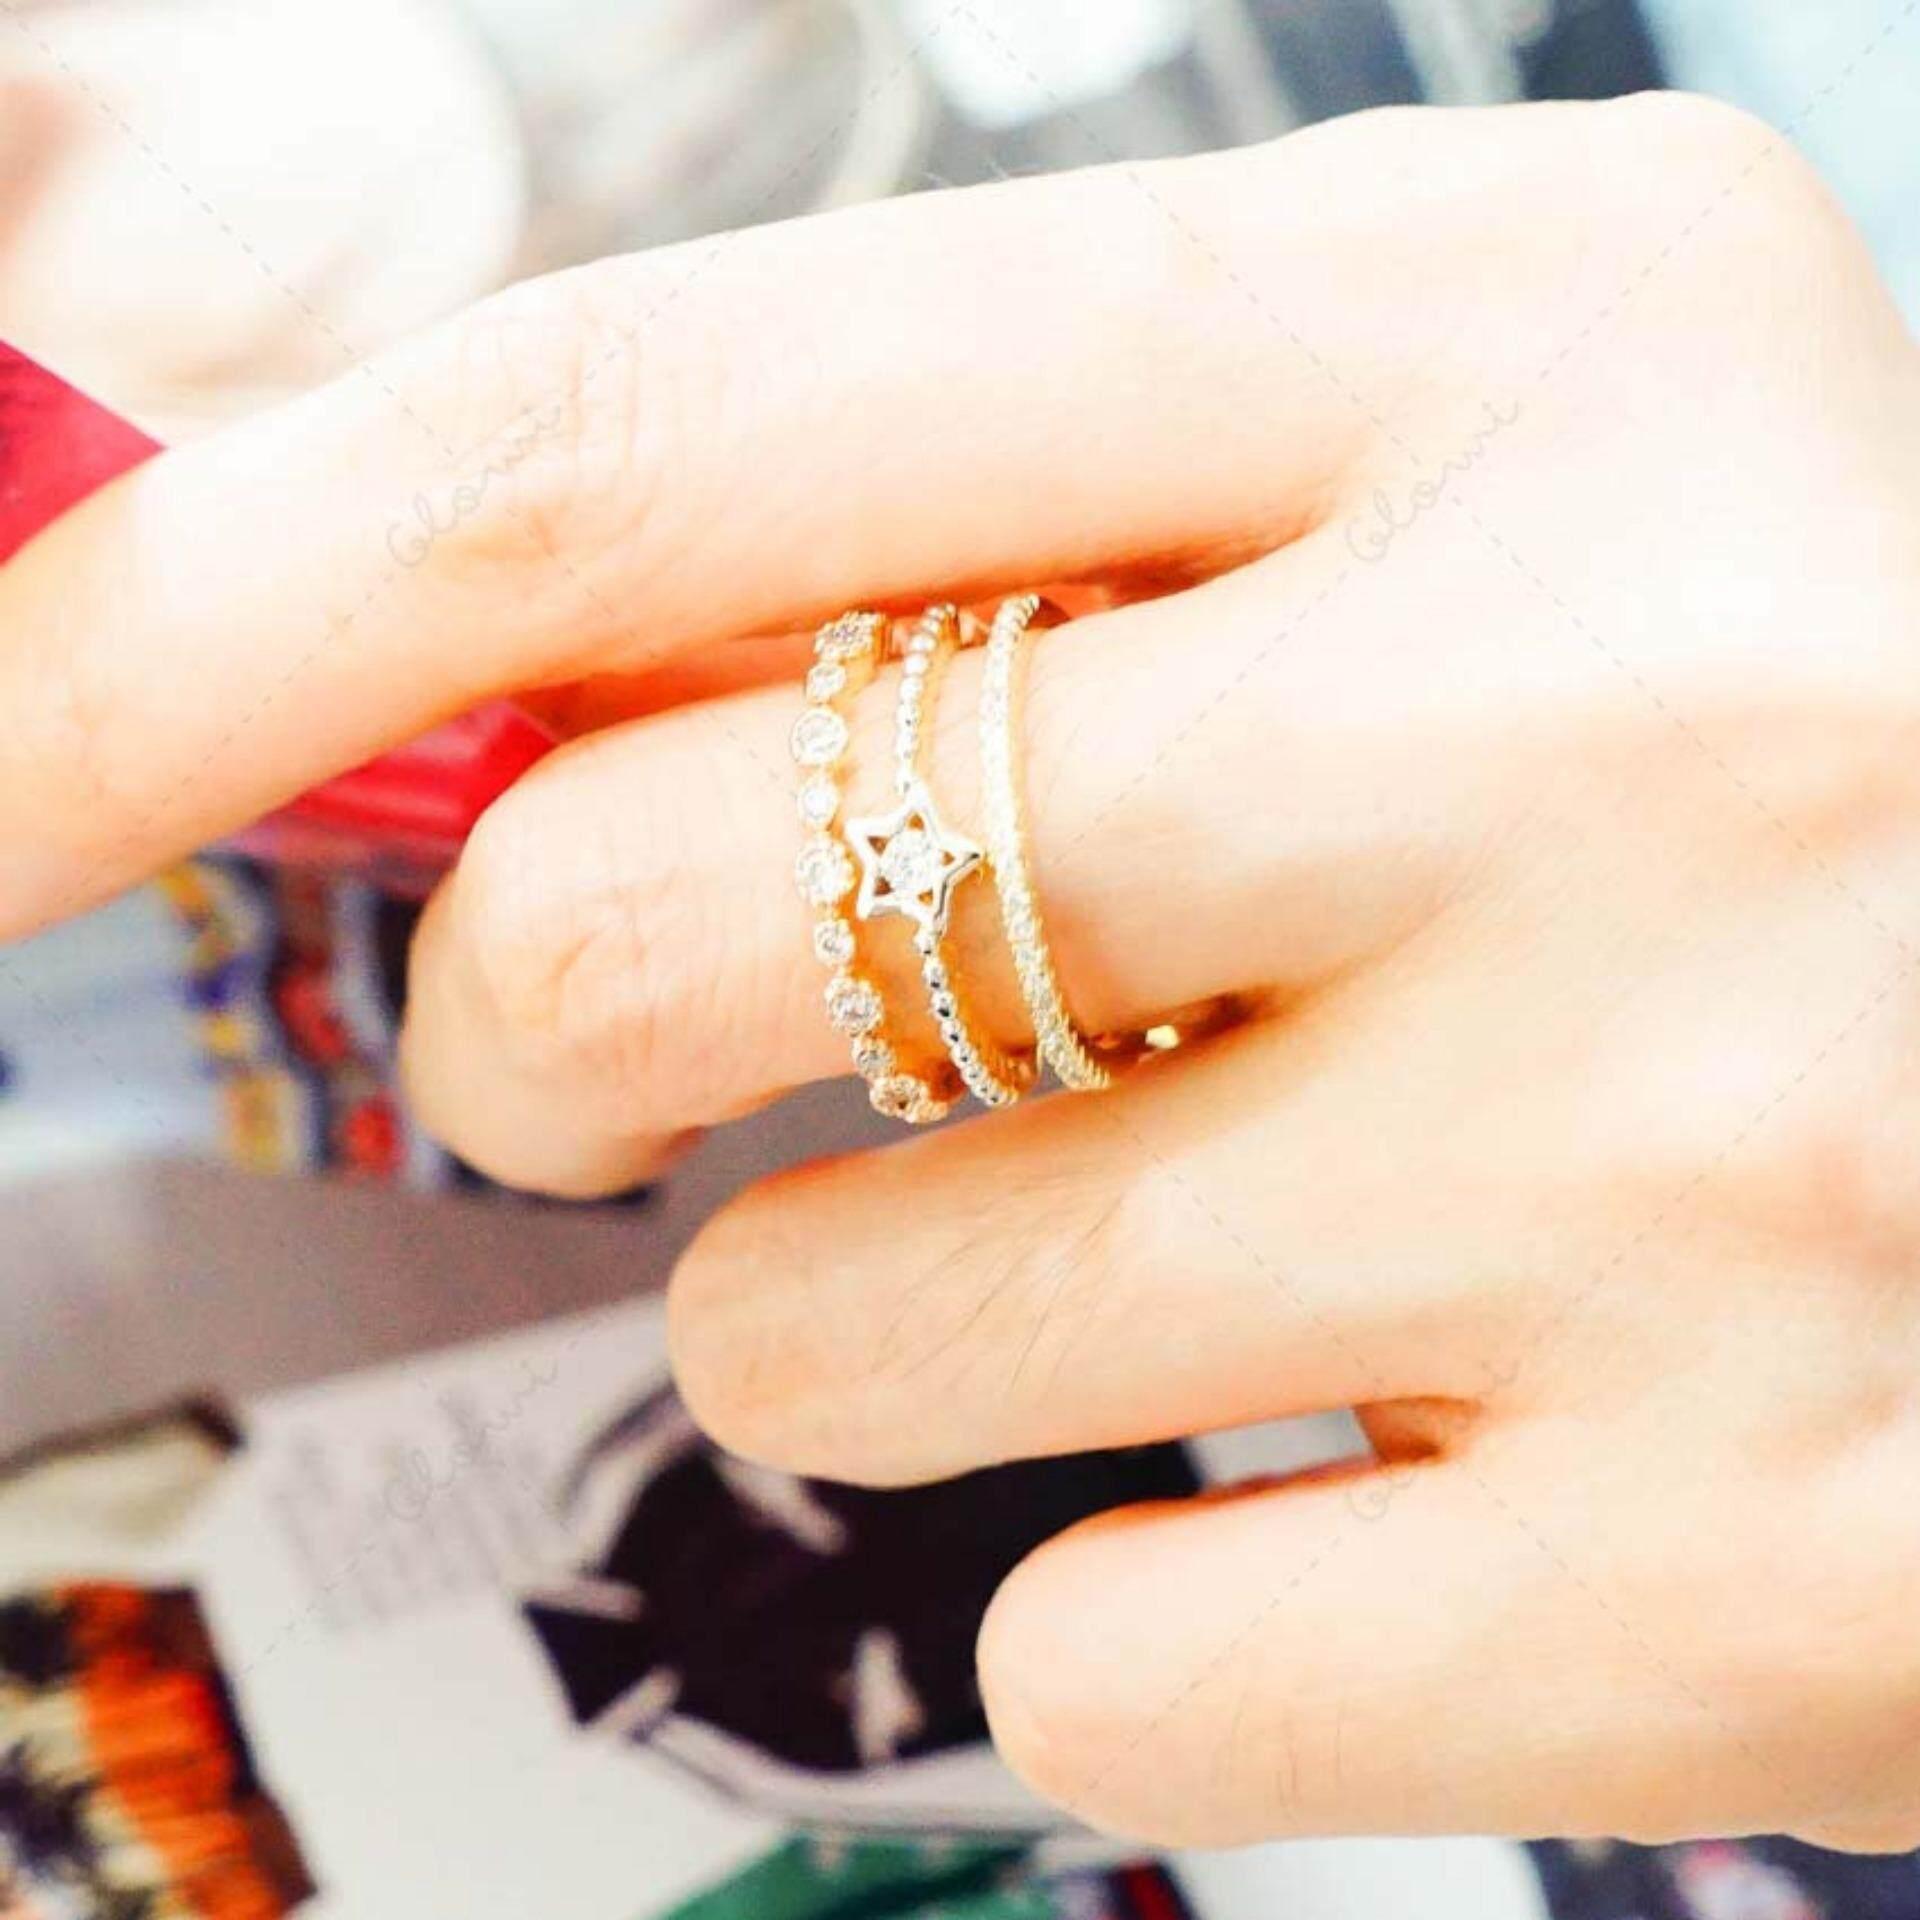 ซื้อ Bewi G แหวนผู้หญิง สไตล์ แหวนเพชร Ring ชุบทอง 3 กษัตริย์ เหมือนทองแท้ ฝังเพชรเม็ดเดี่ยวตรงกลาง แหวนวงเดียว เสมือนใส่ 3 วง สวย หรูหรา Princess Styles รุ่น Bg R0035 สีเงิน Silver ออนไลน์ ไทย